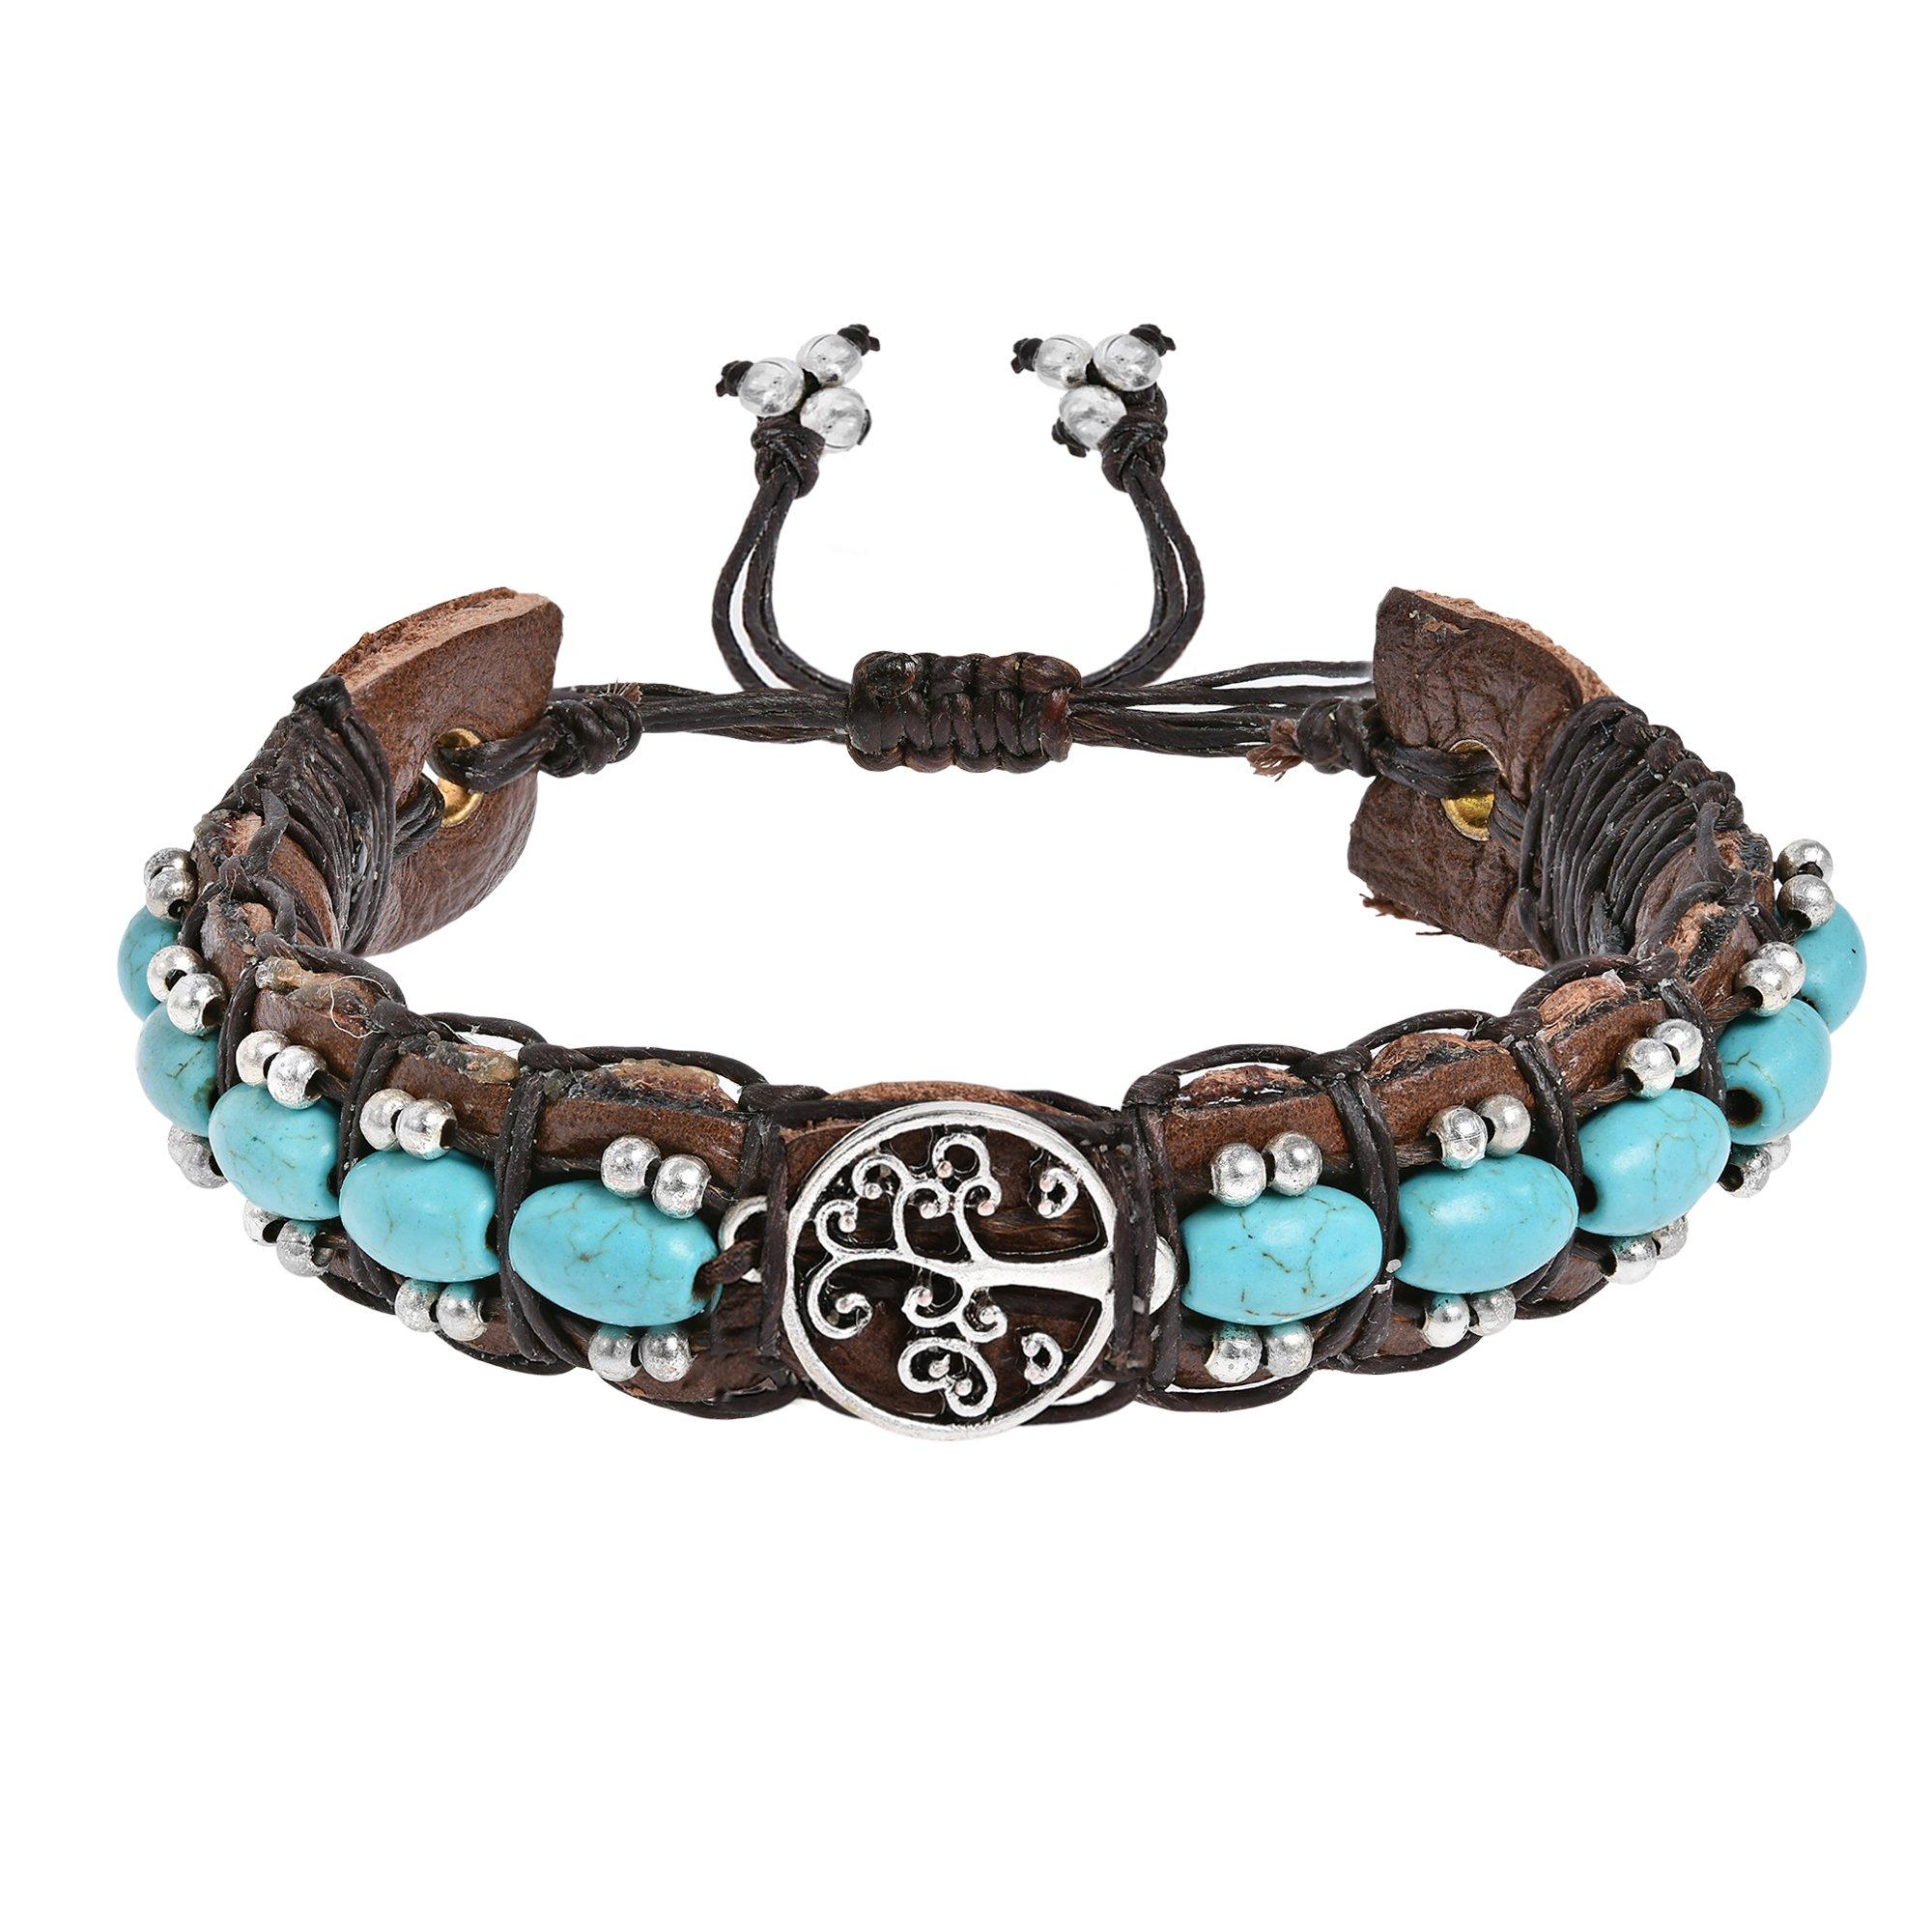 AeraVida Tree of Life Simulated Turquoise Rolls Leather Adjustable Wrist Pull Bracelet